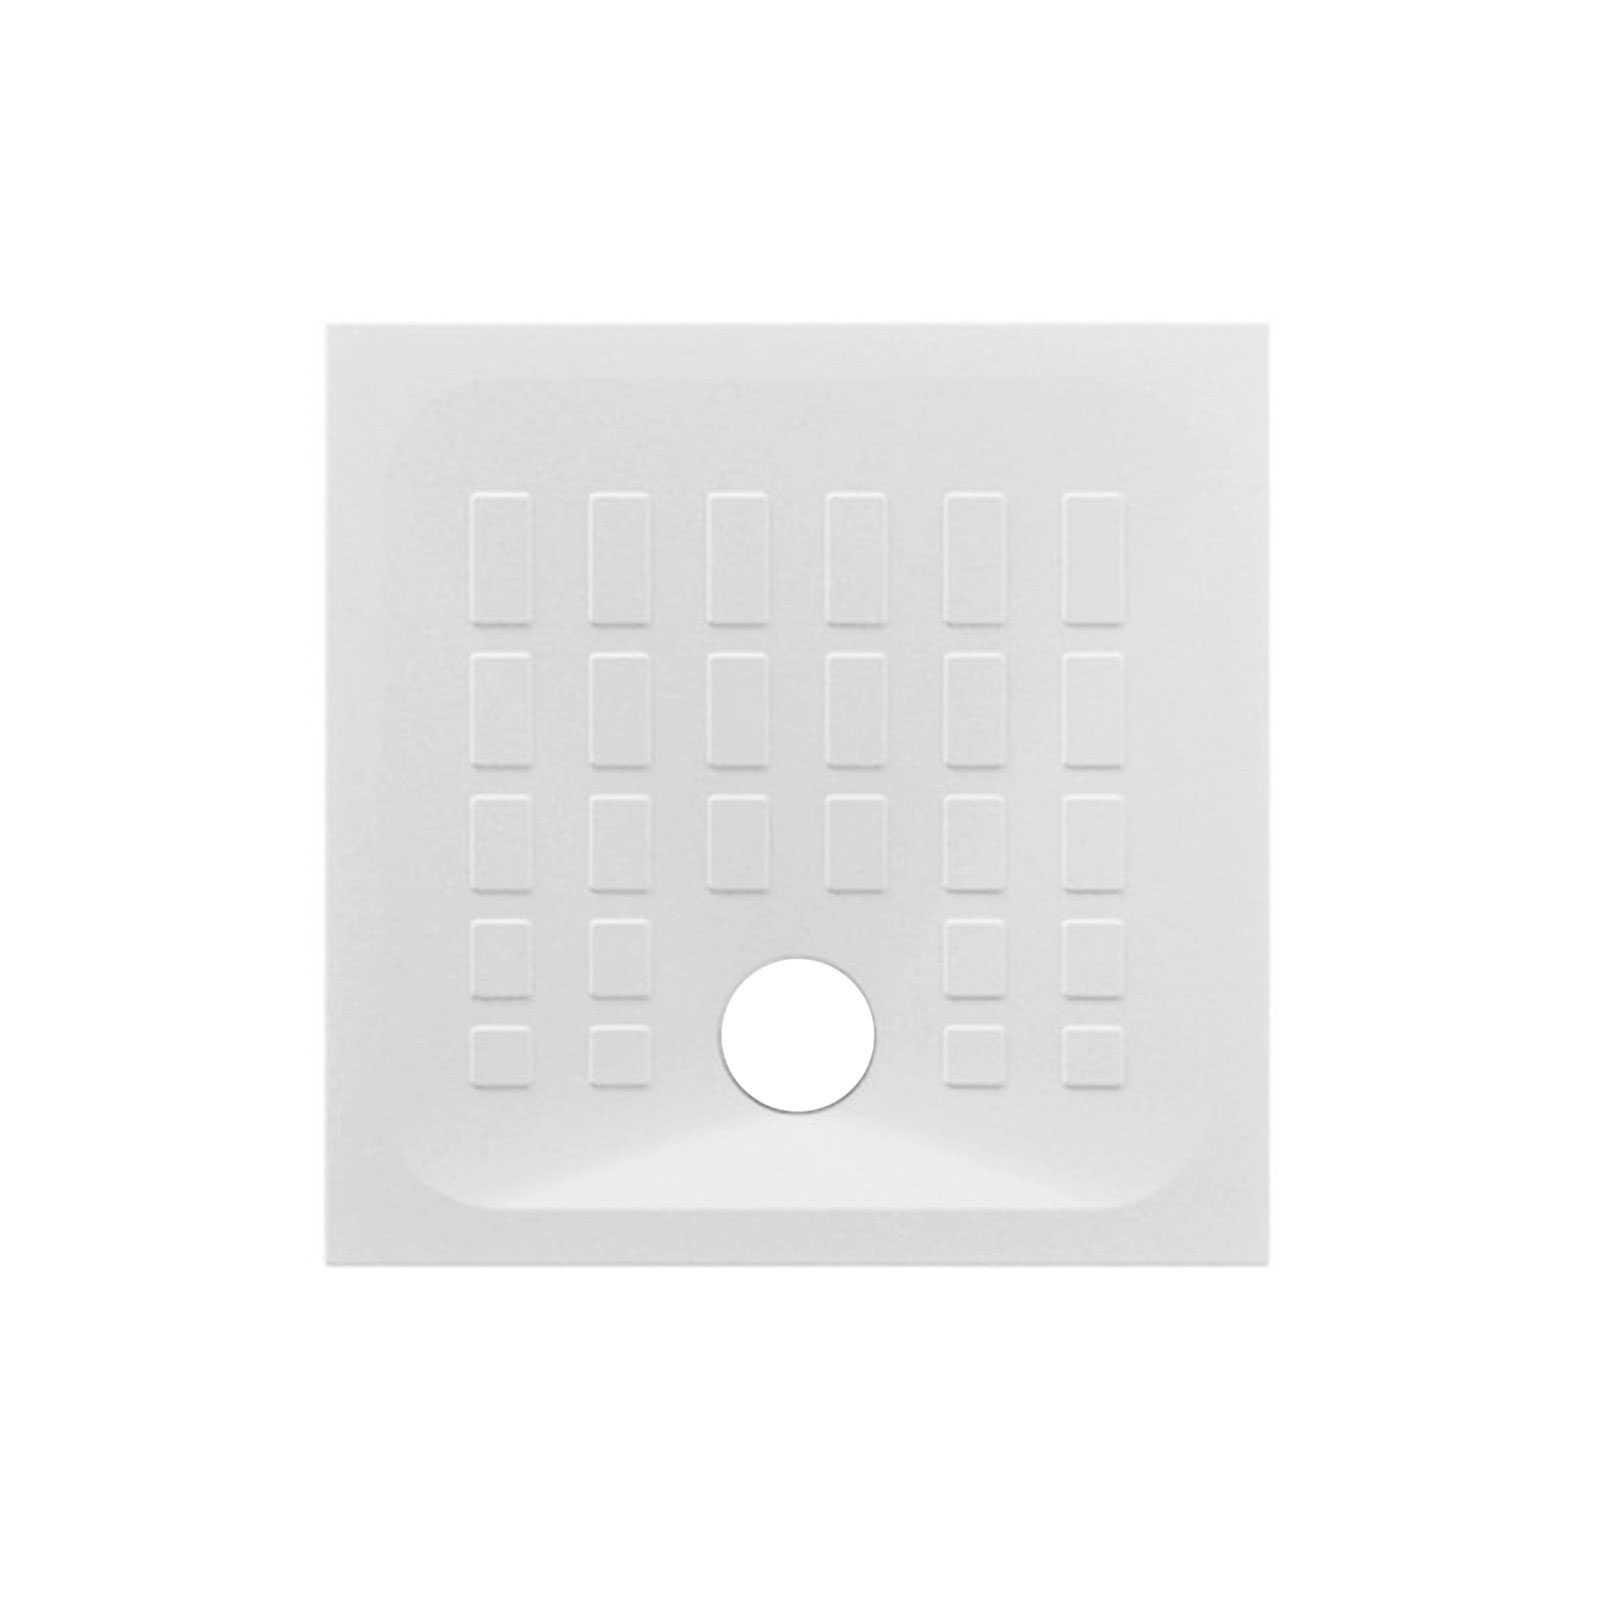 Piatto doccia in ceramica bianco lucido 80x80 Azzurra modello Cube con antiscivolo